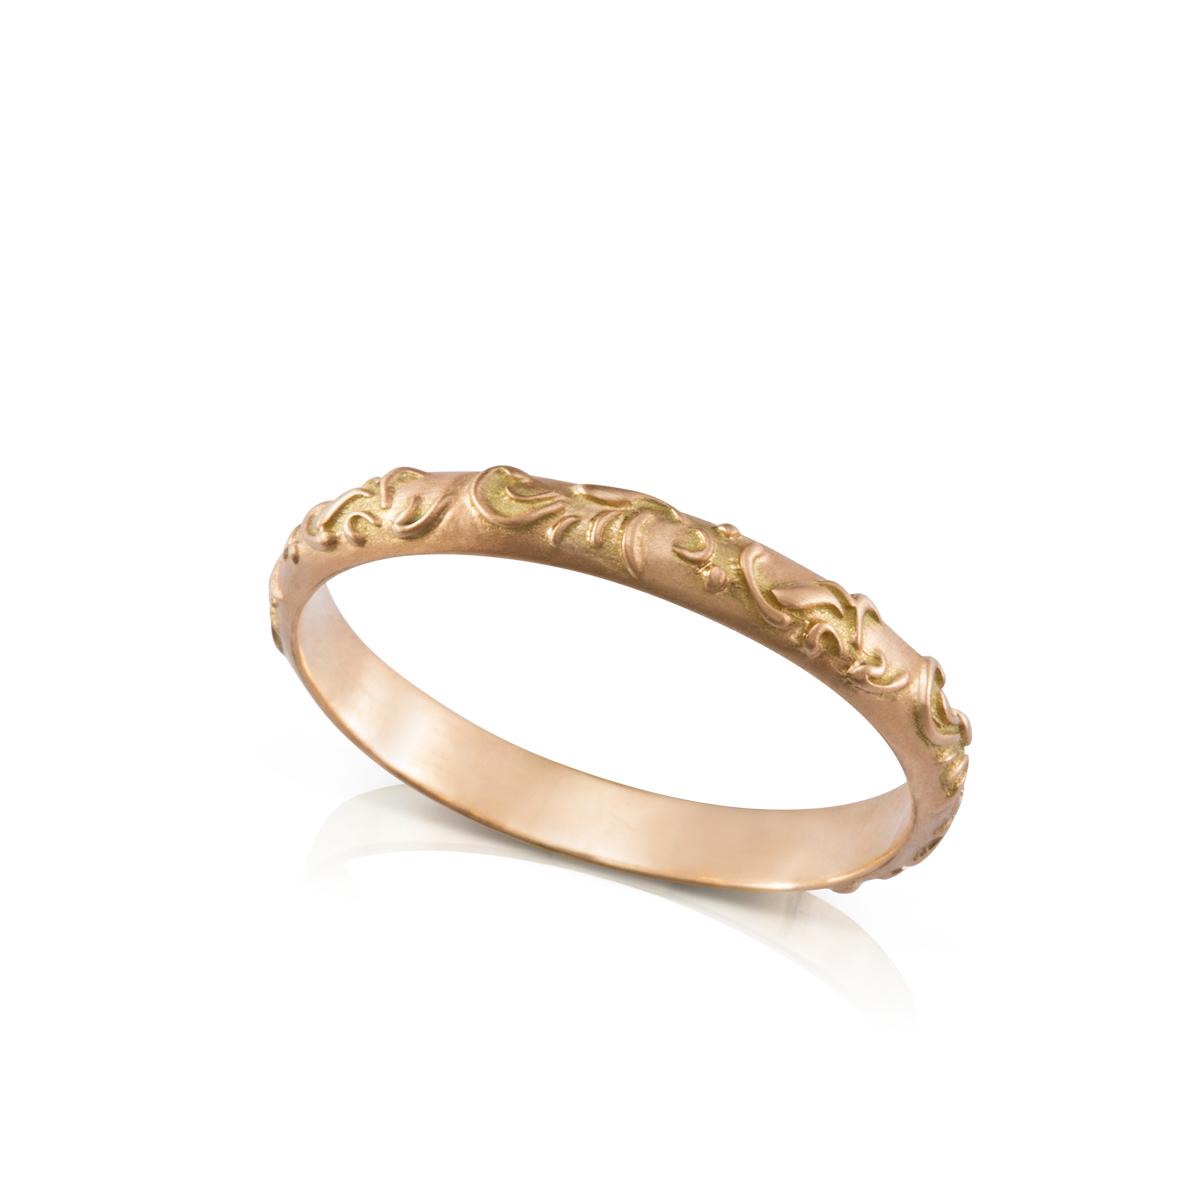 טבעת זהב עם עיטור פרחים אוריינטלי בולט